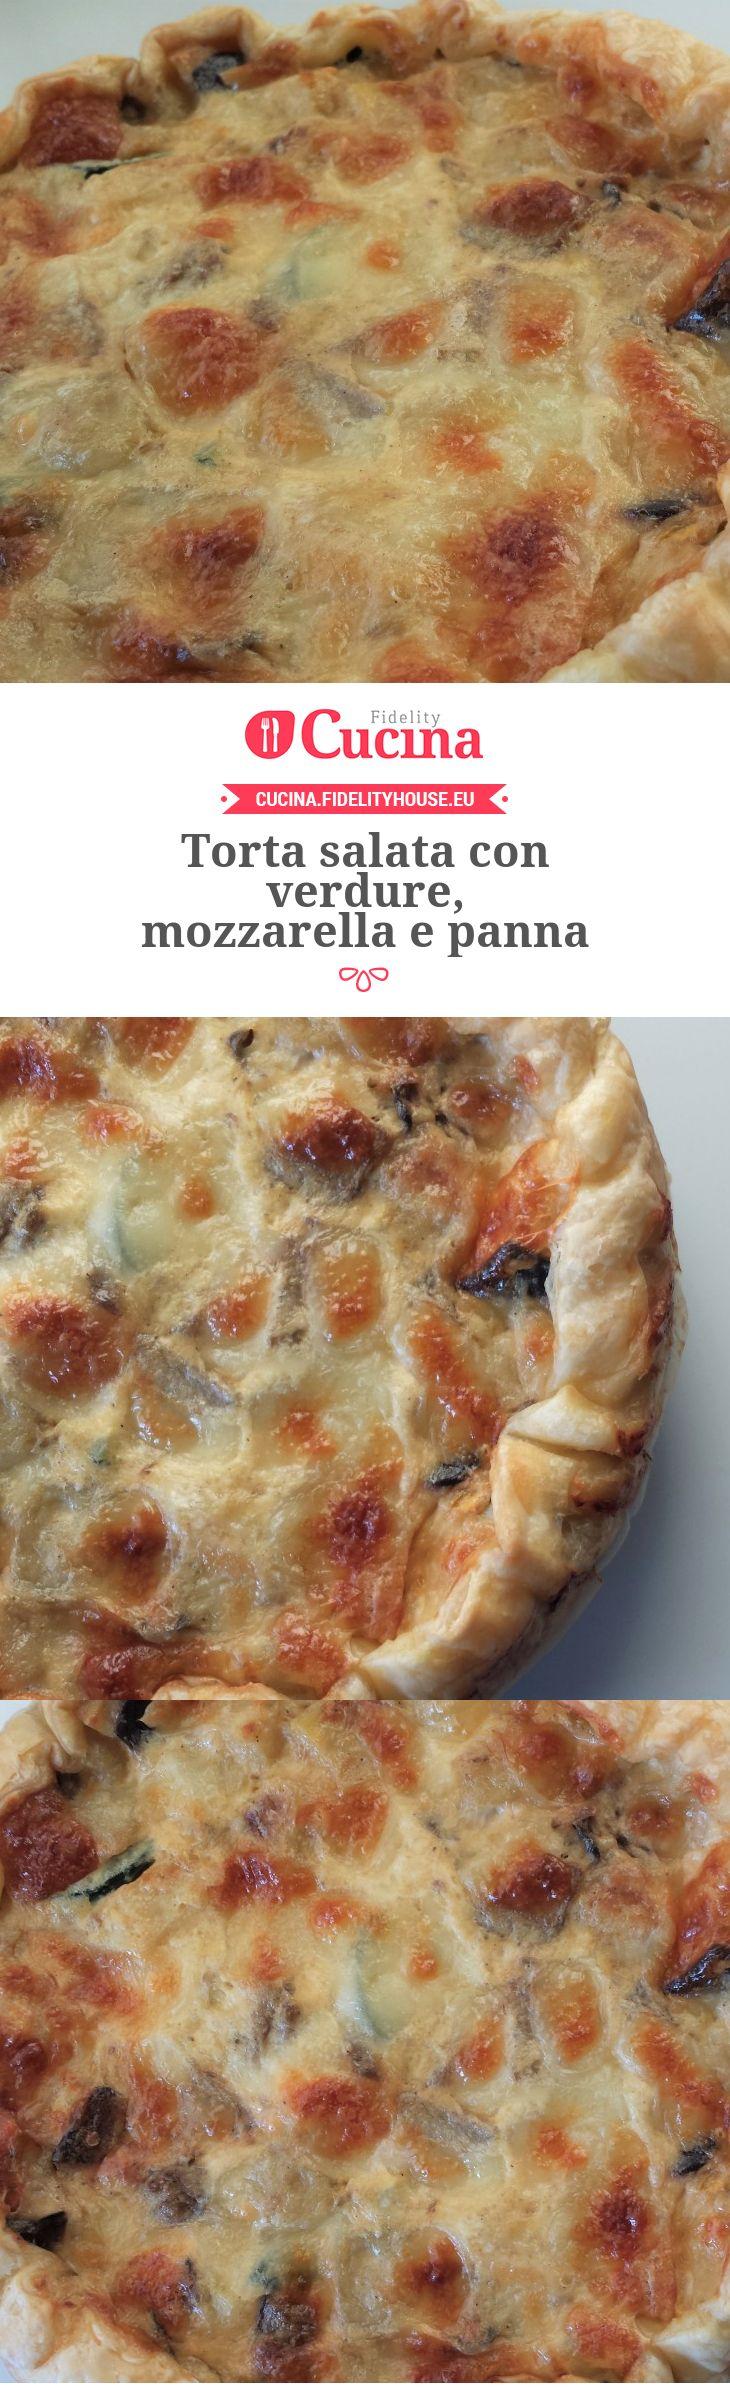 Torta salata con verdure, mozzarella e panna della nostra utente Giada. Unisciti alla nostra Community ed invia le tue ricette!